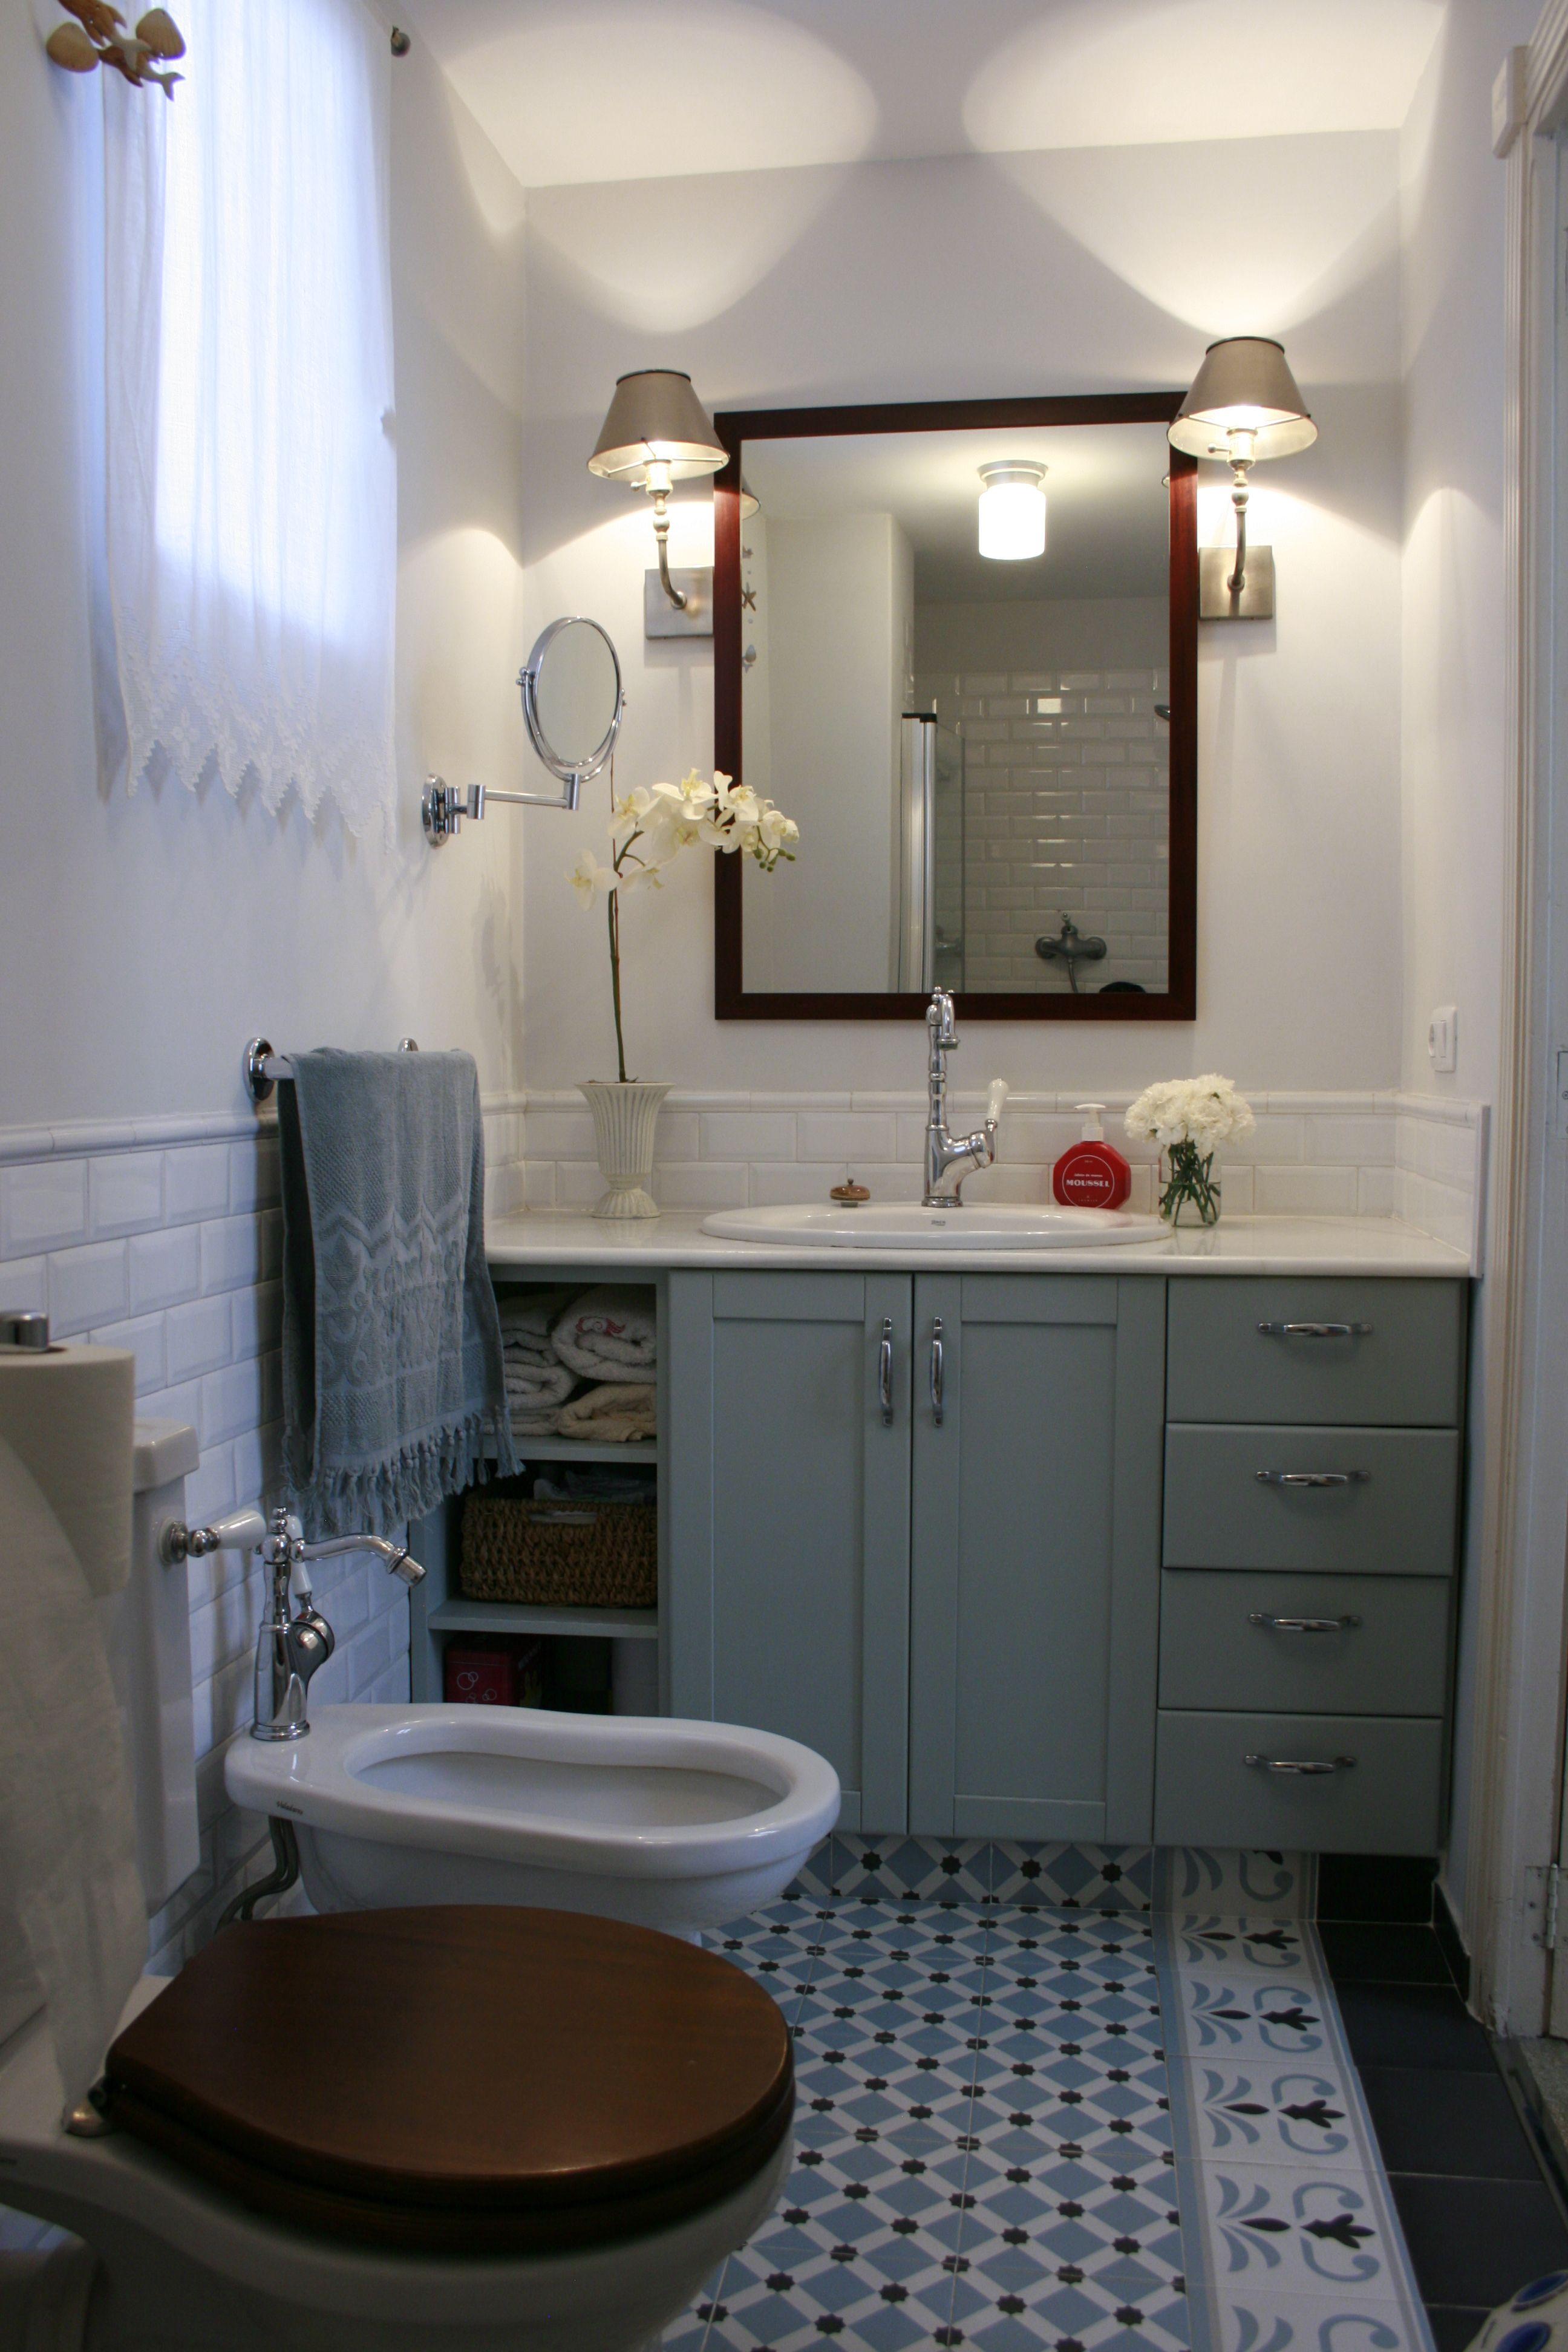 Ideas ba o azulejo hidraulico alicatado solo hasta la mitad de la pared y gardenia estilo - Alicatado banos pequenos ...